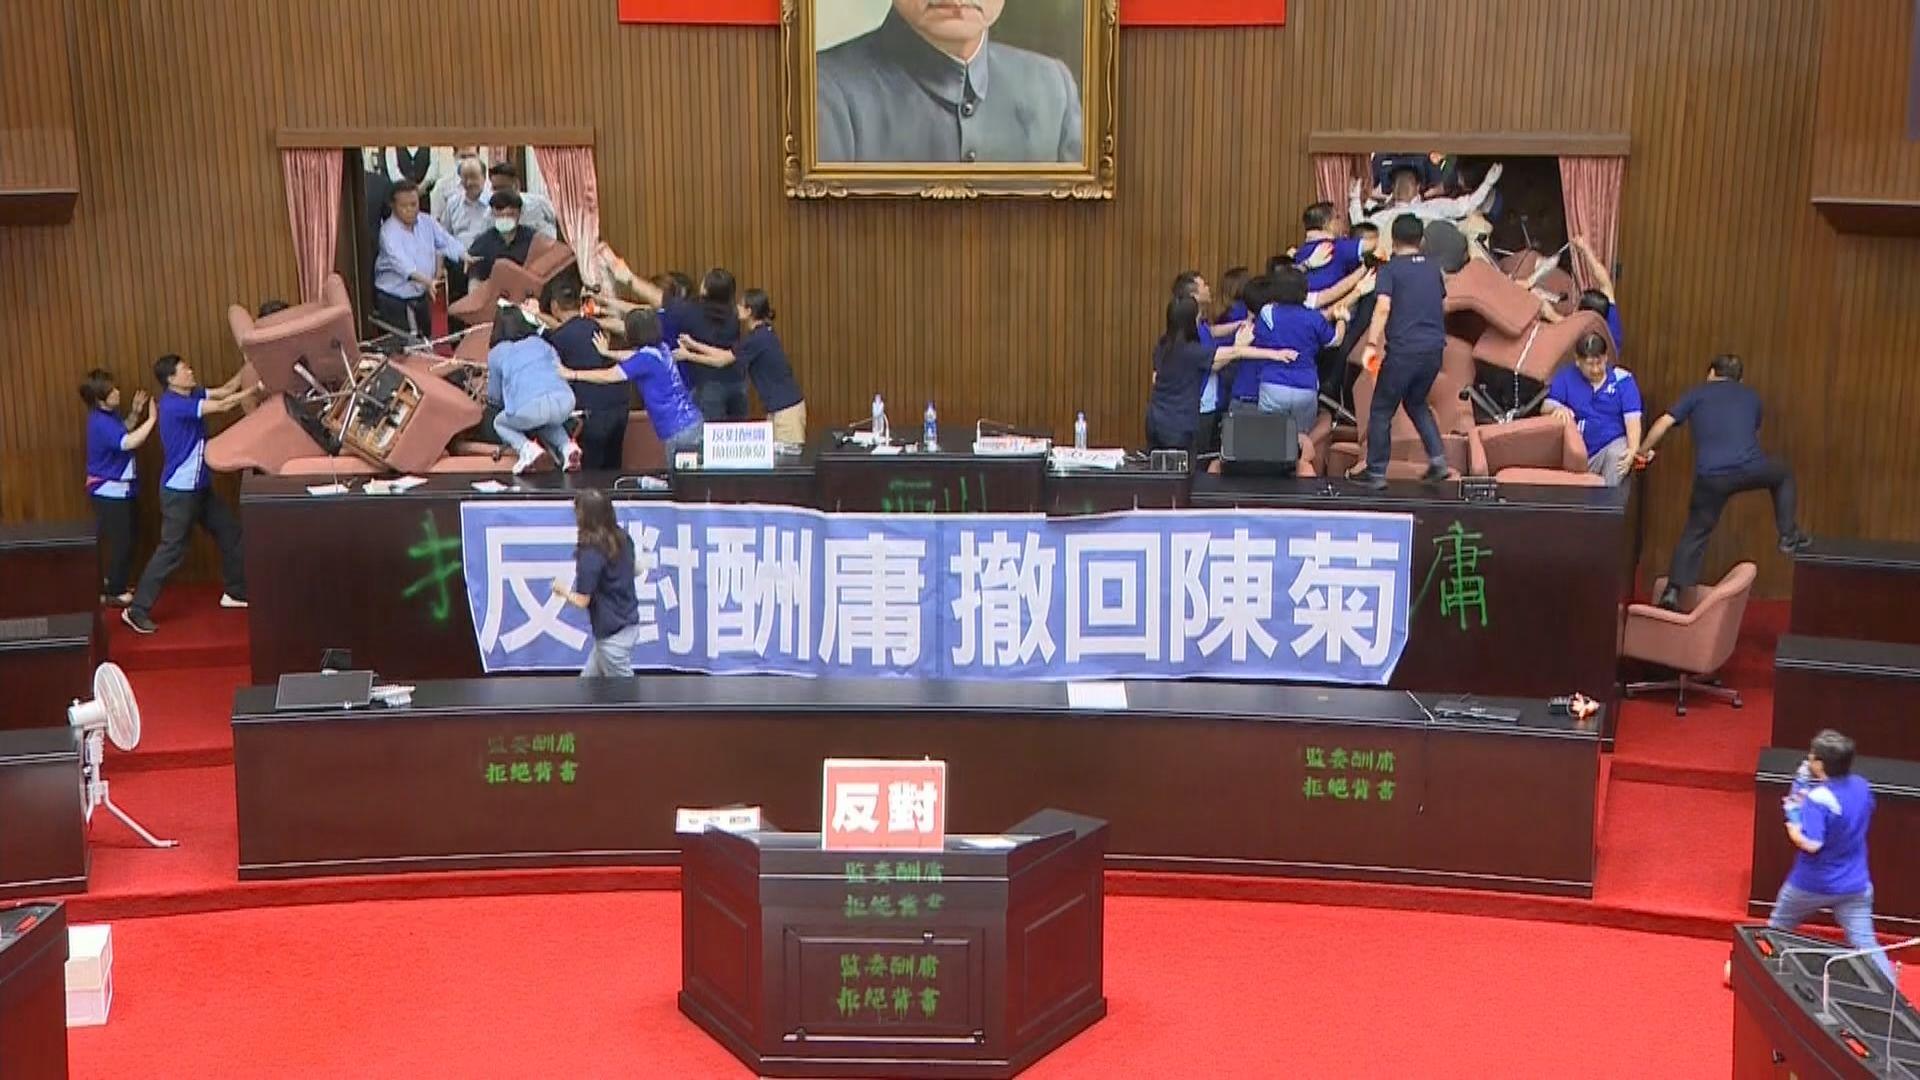 民進黨攻入立法院會議廳 藍綠爆發衝突